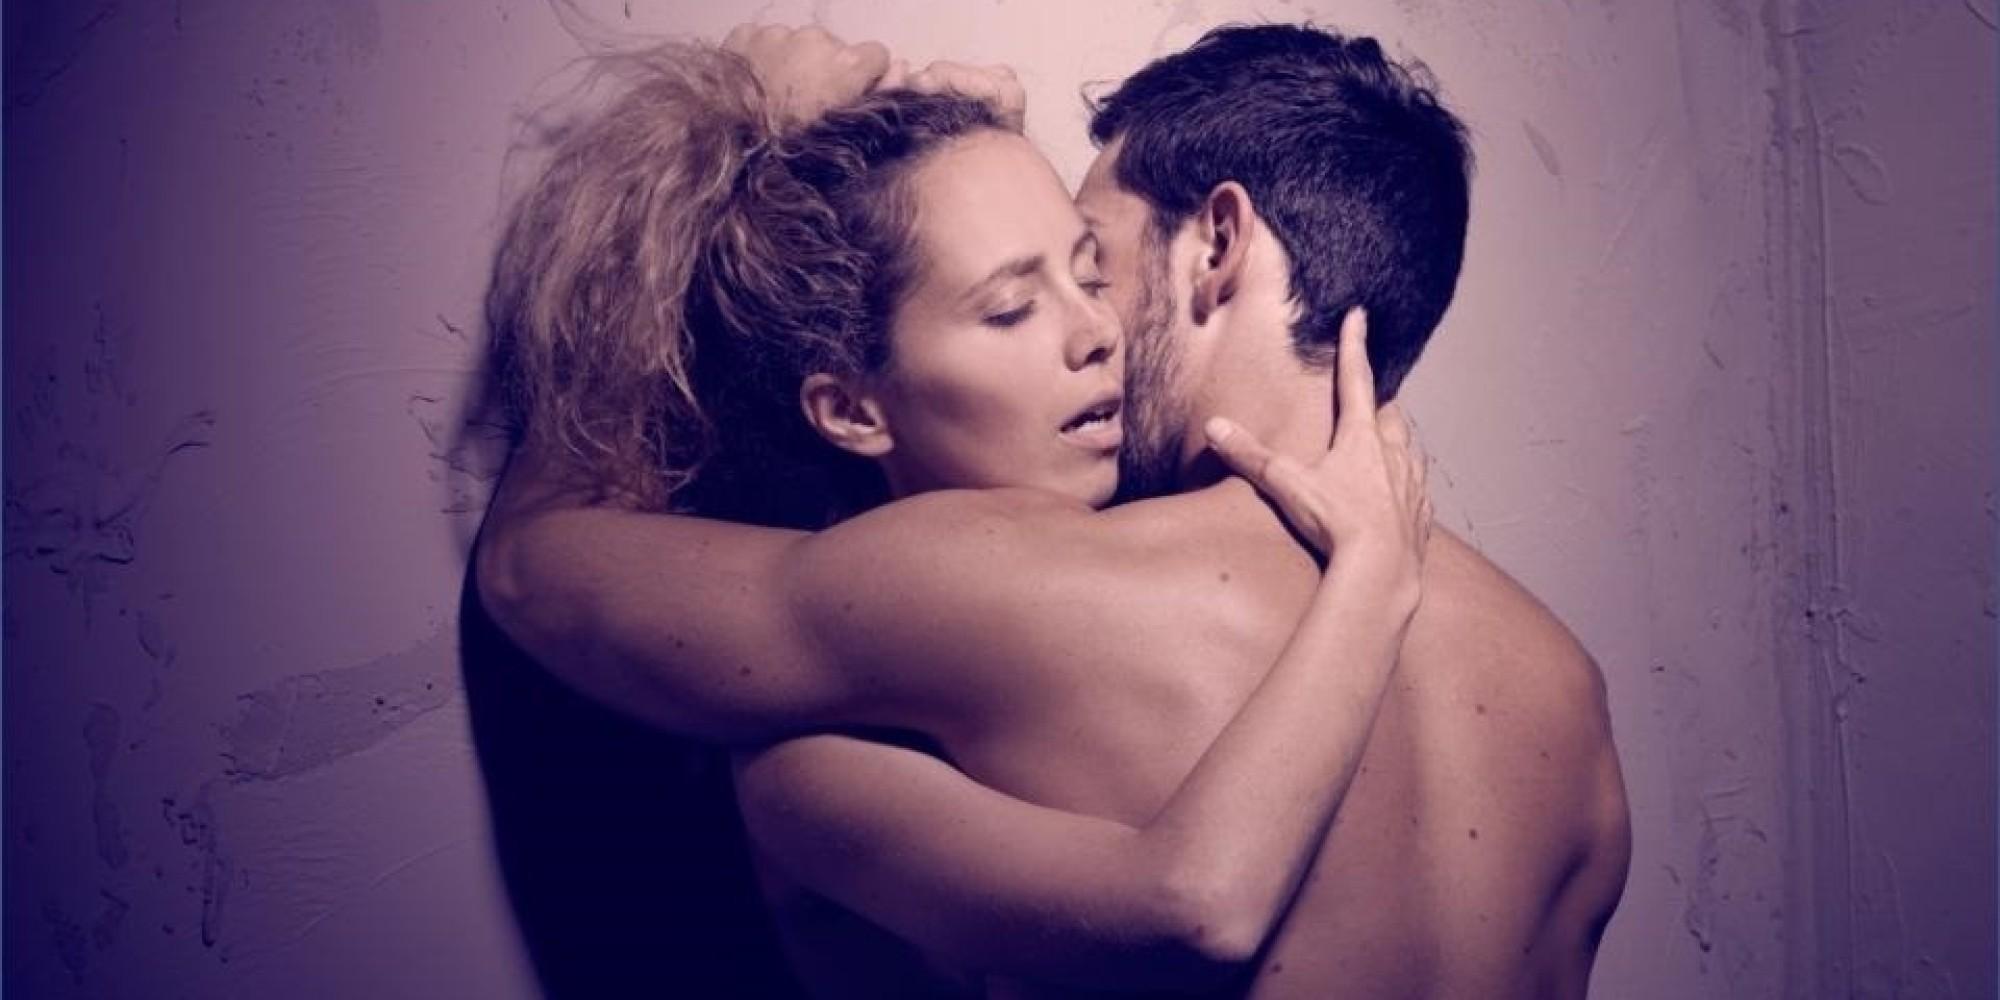 gv sexualität schreien beim sex